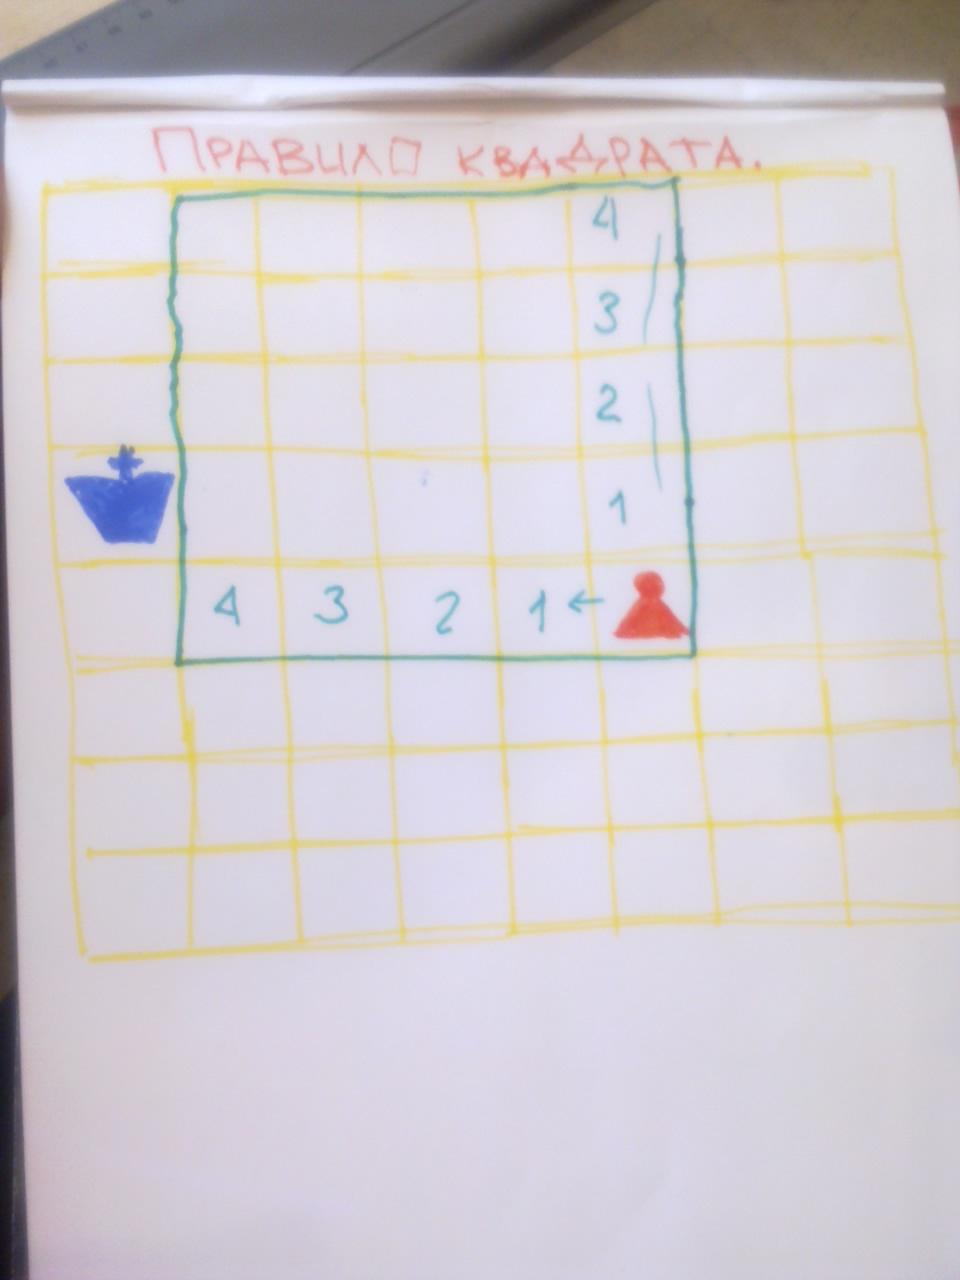 Правило квадрата